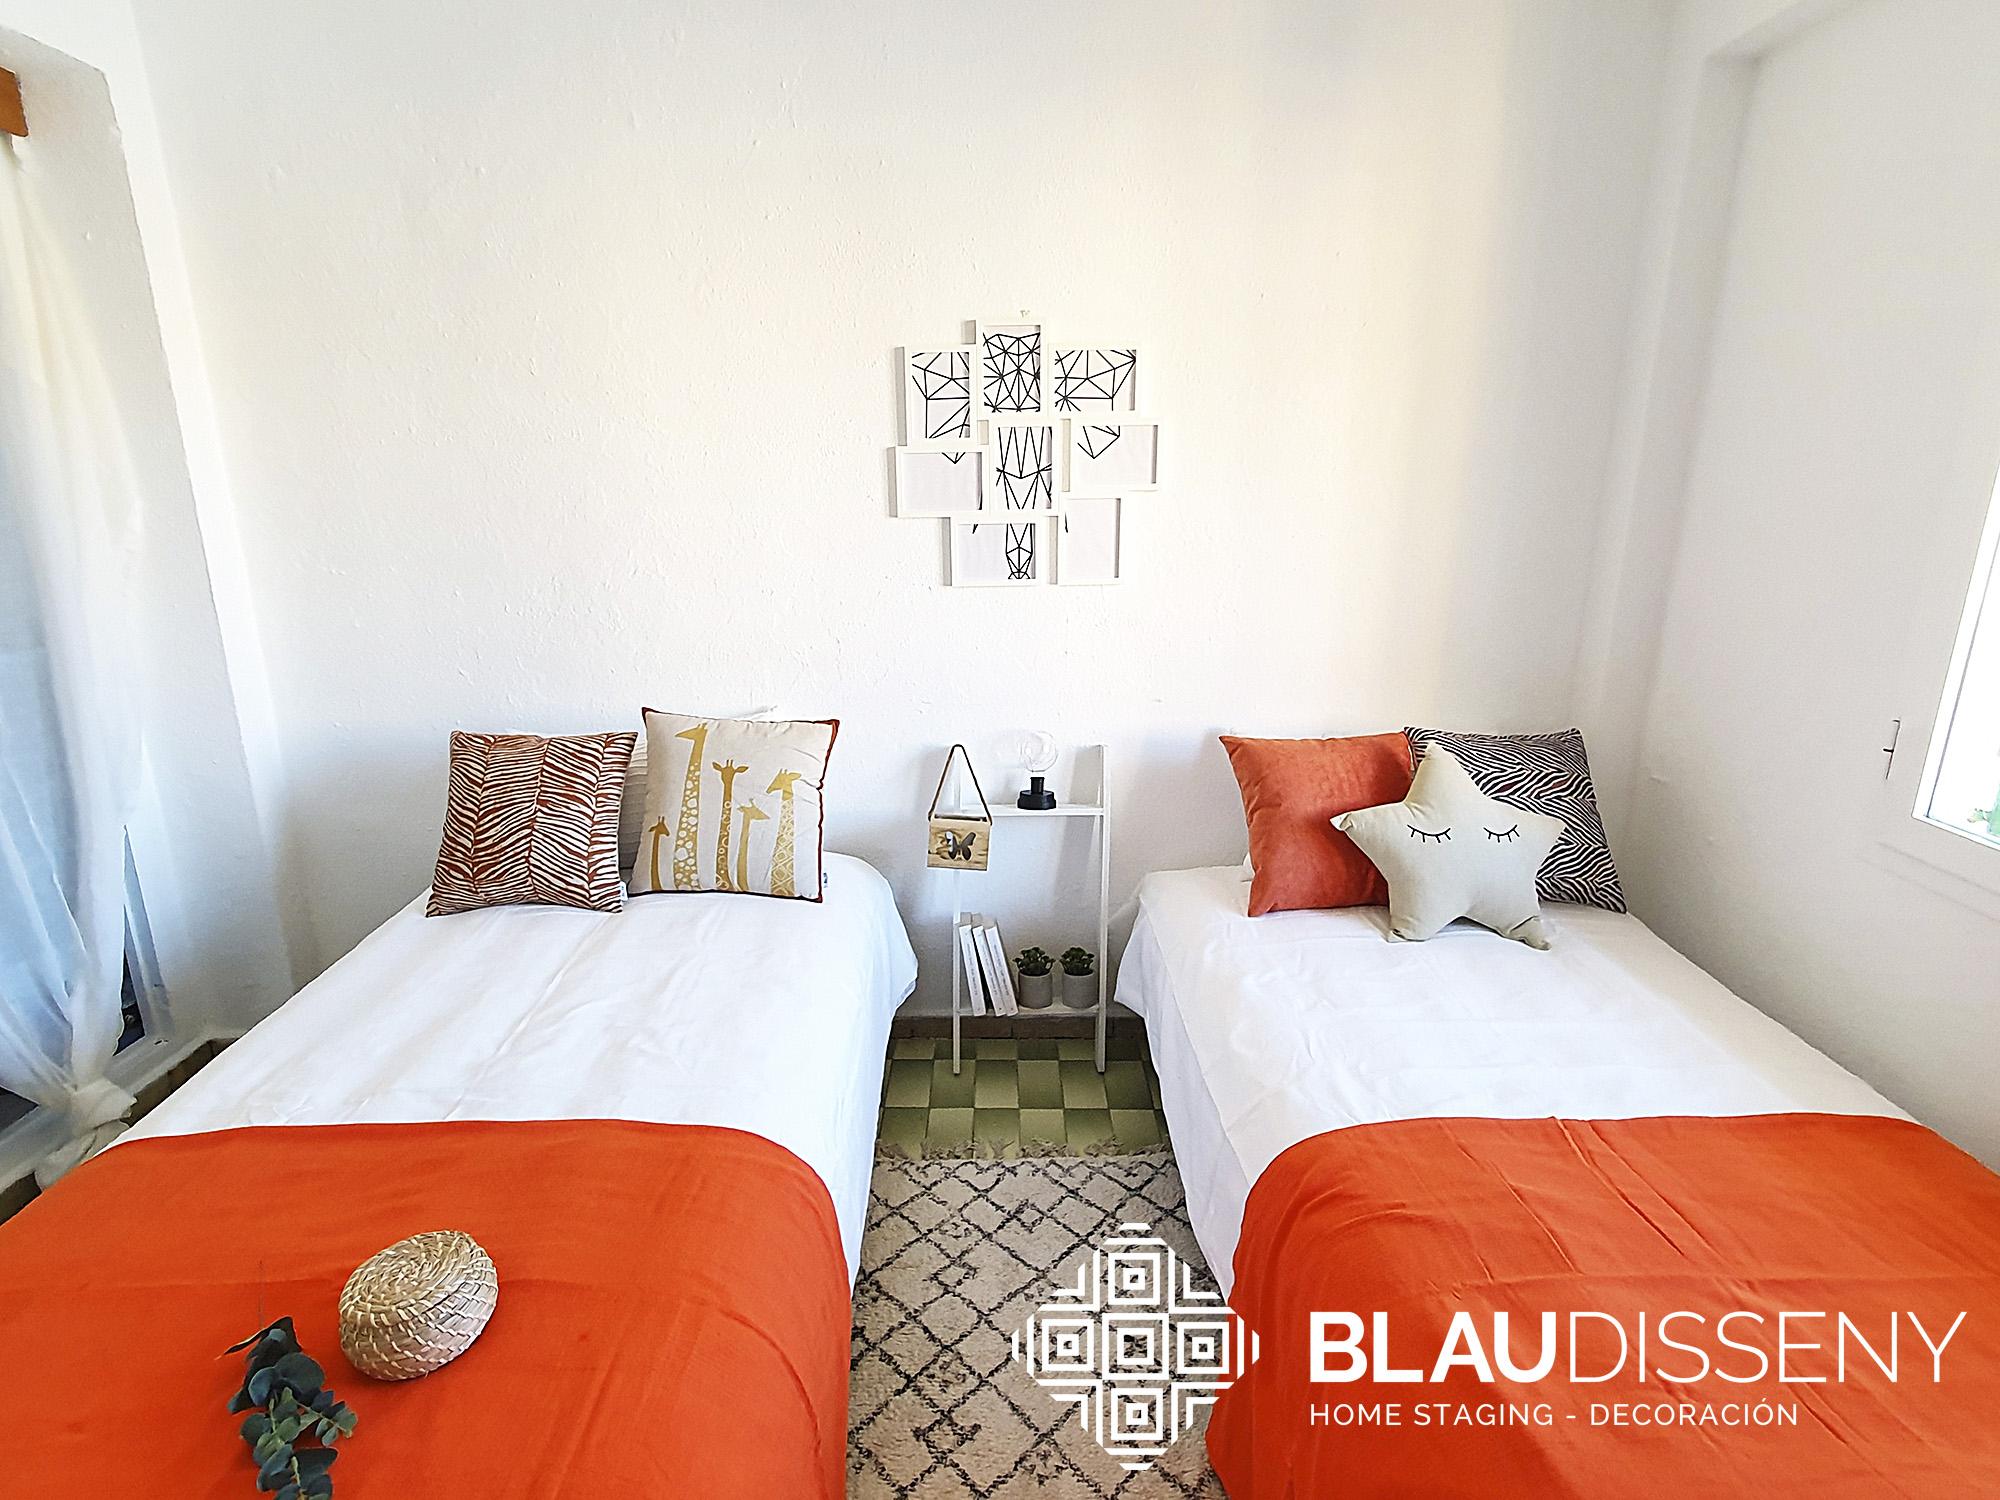 Blaudisseny-home-staging-Son-Cladera-dormitorio-despues-logo